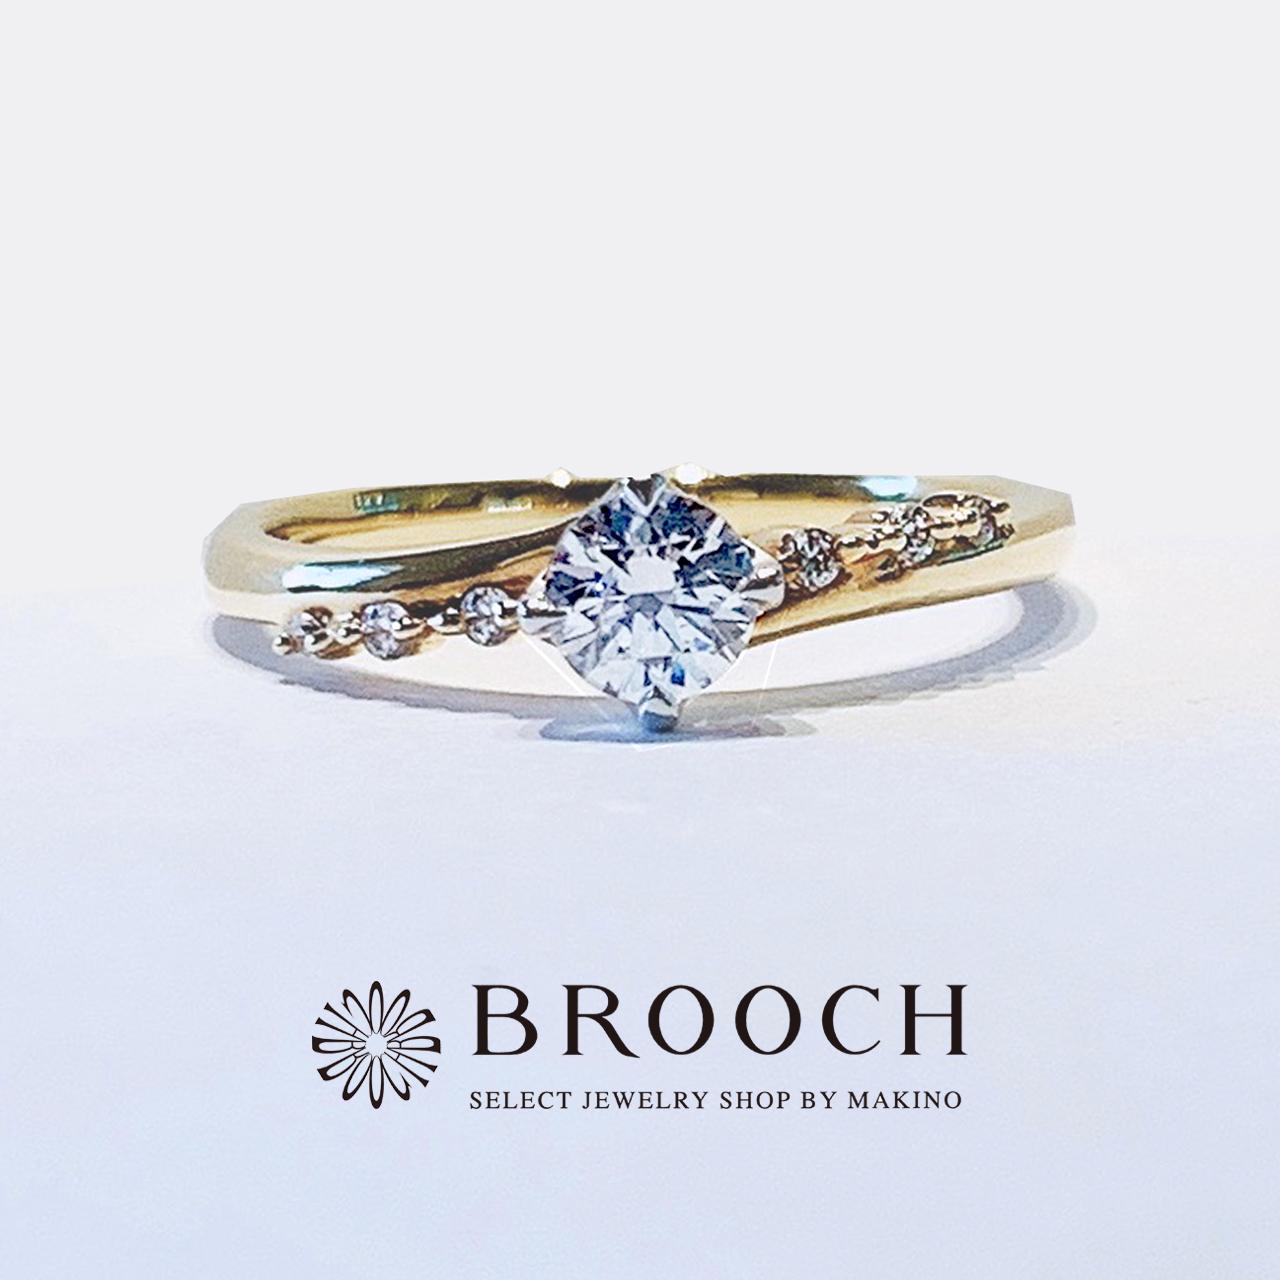 BROOCH 婚約指輪 エンゲージリング ウェーブデザイン2色コンビ